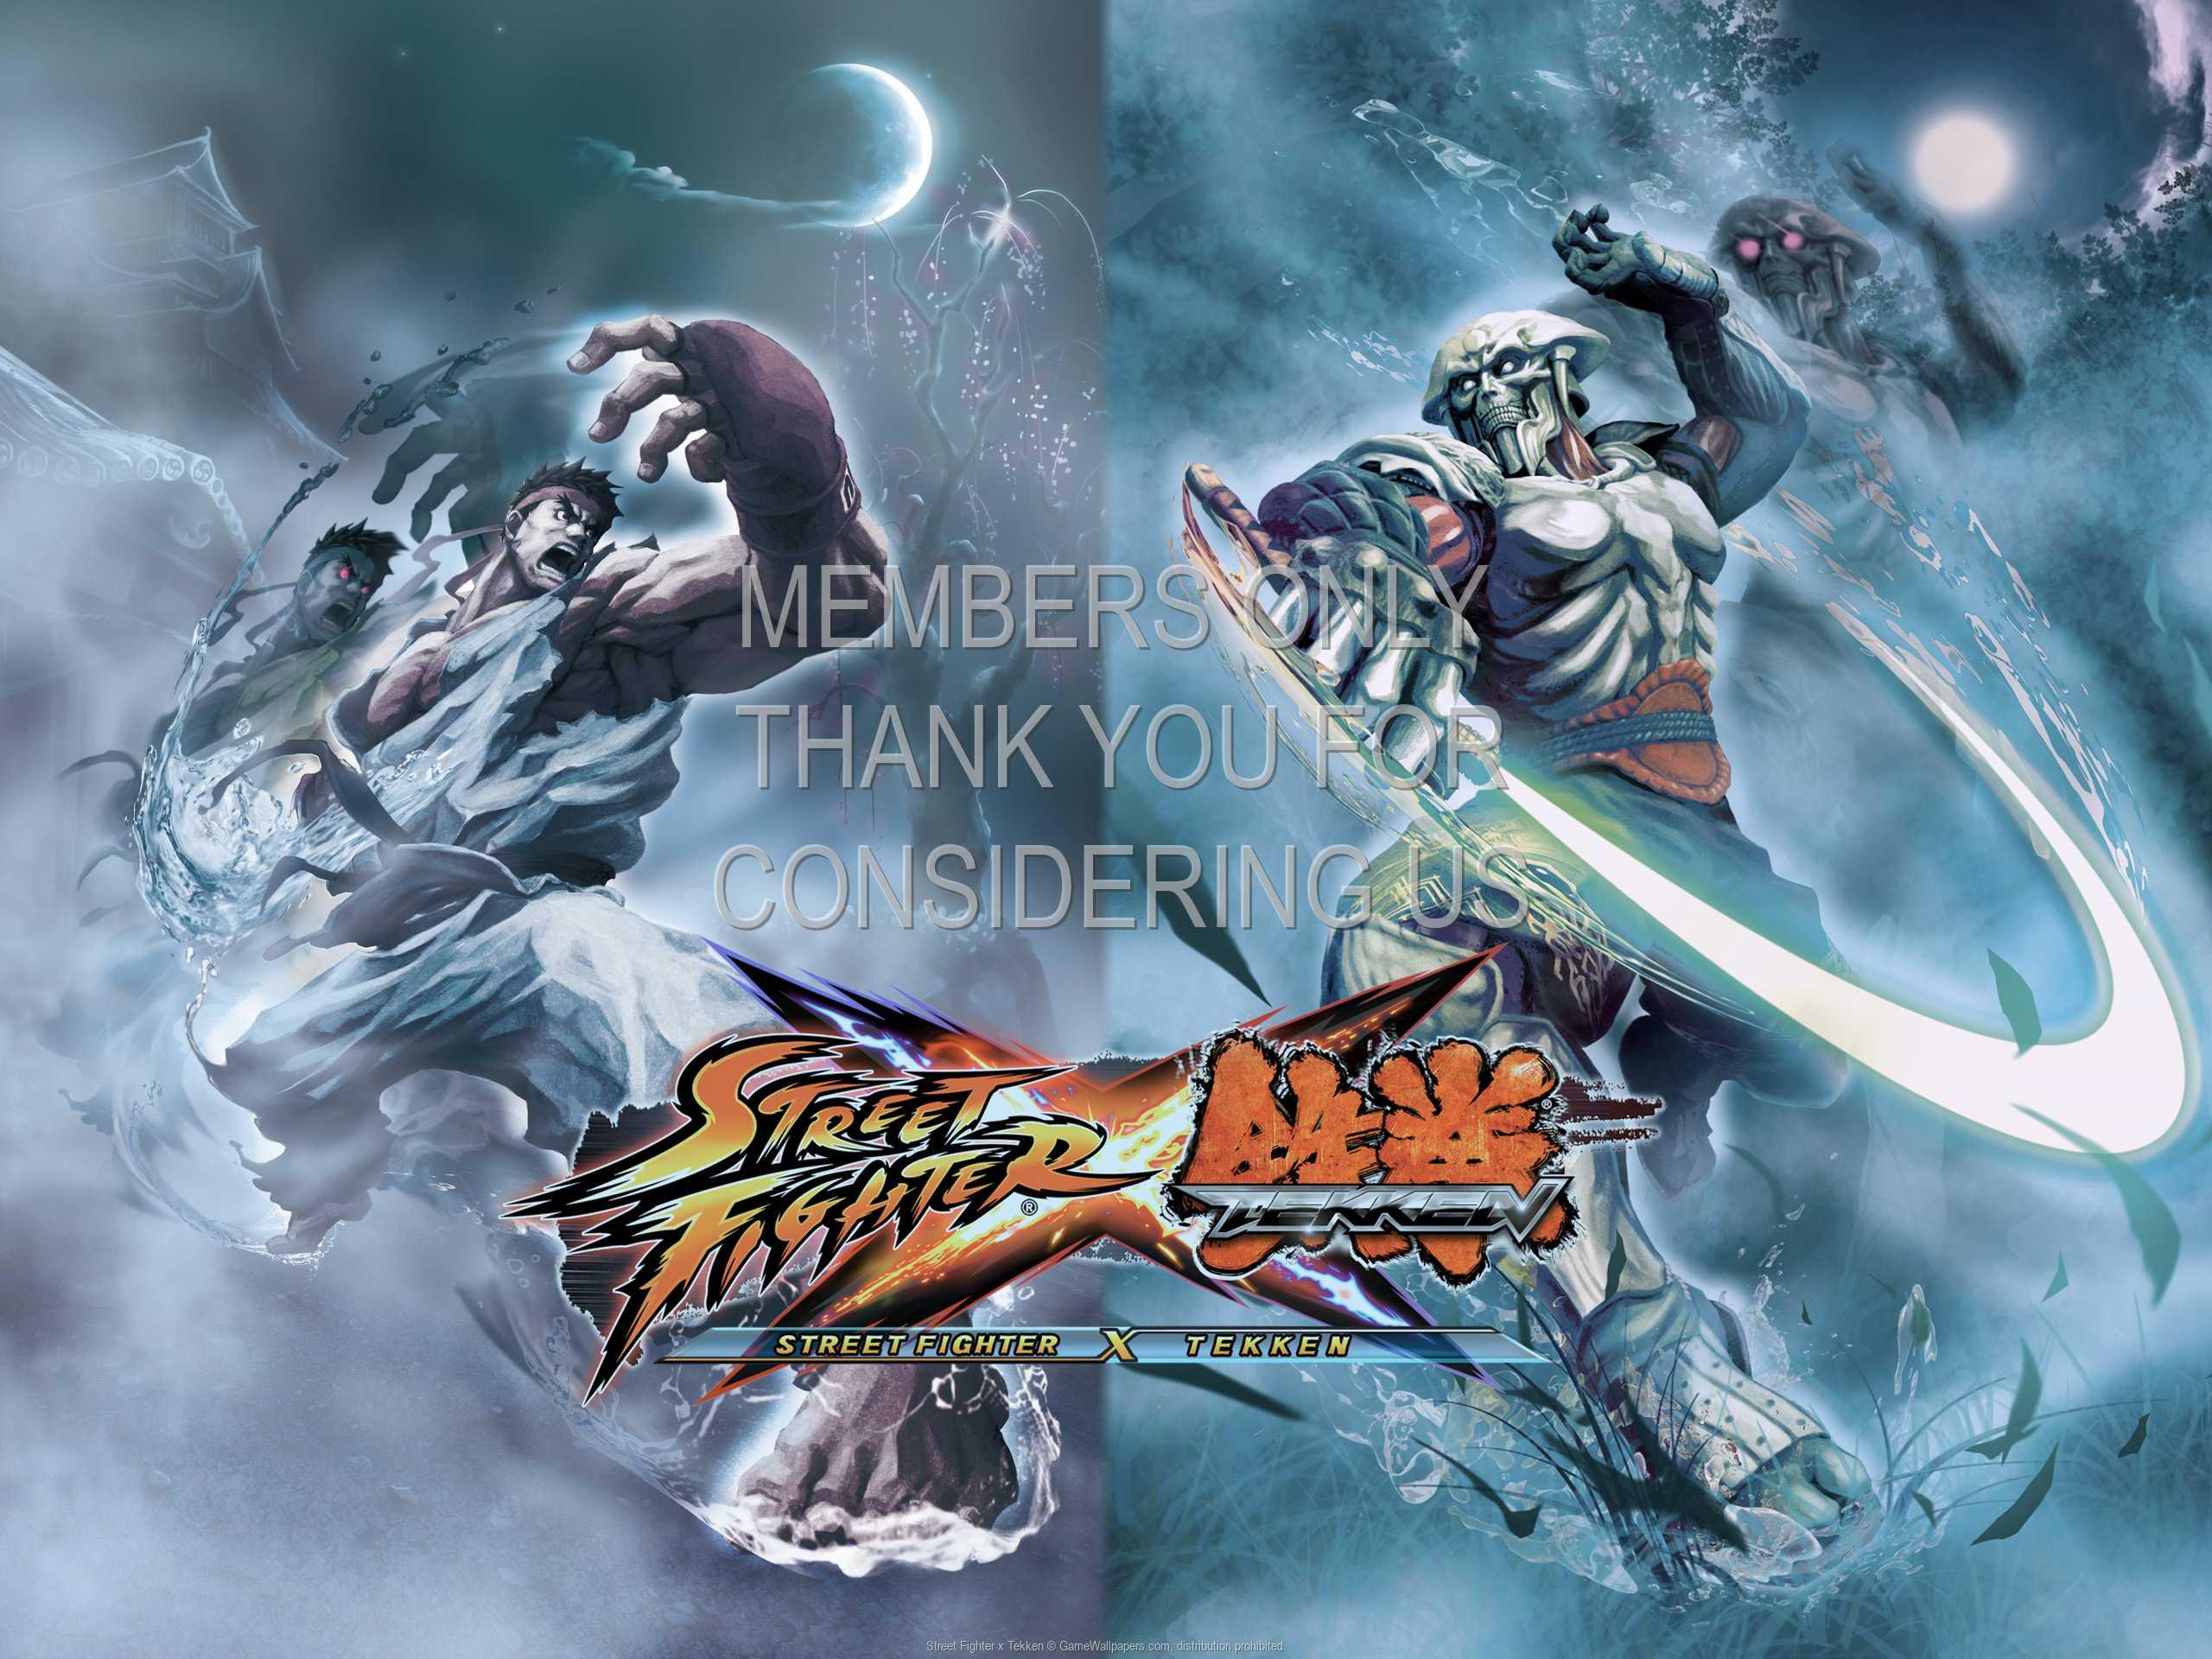 Street Fighter x Tekken 1080p Horizontal Mobile wallpaper or background 03